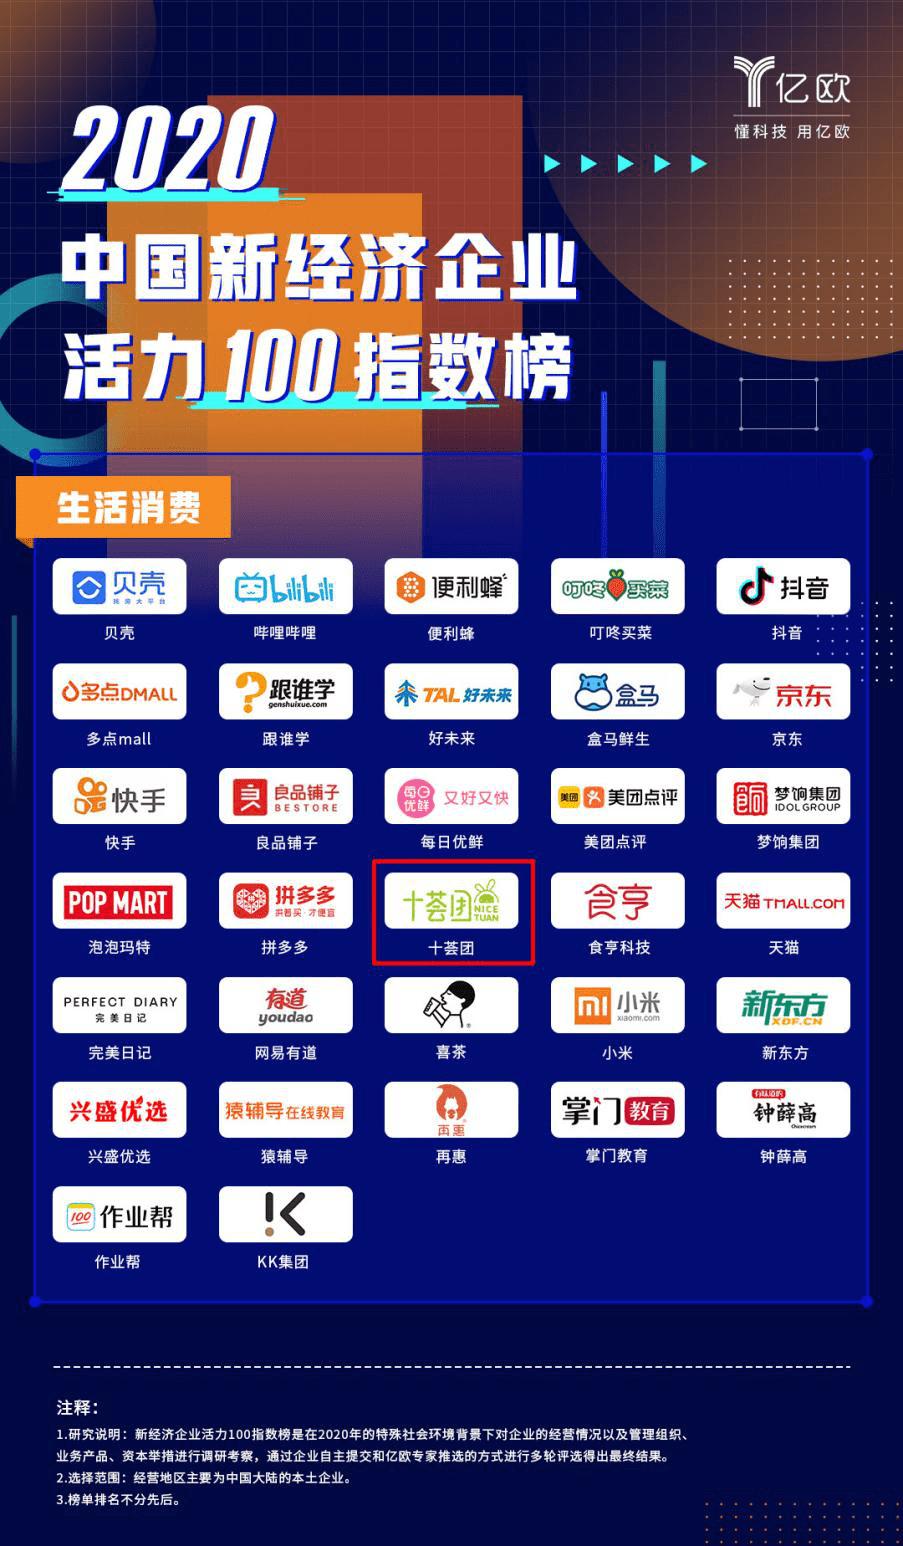 捷报频传!十荟团荣登2020中国新经济企业活力100指数榜!